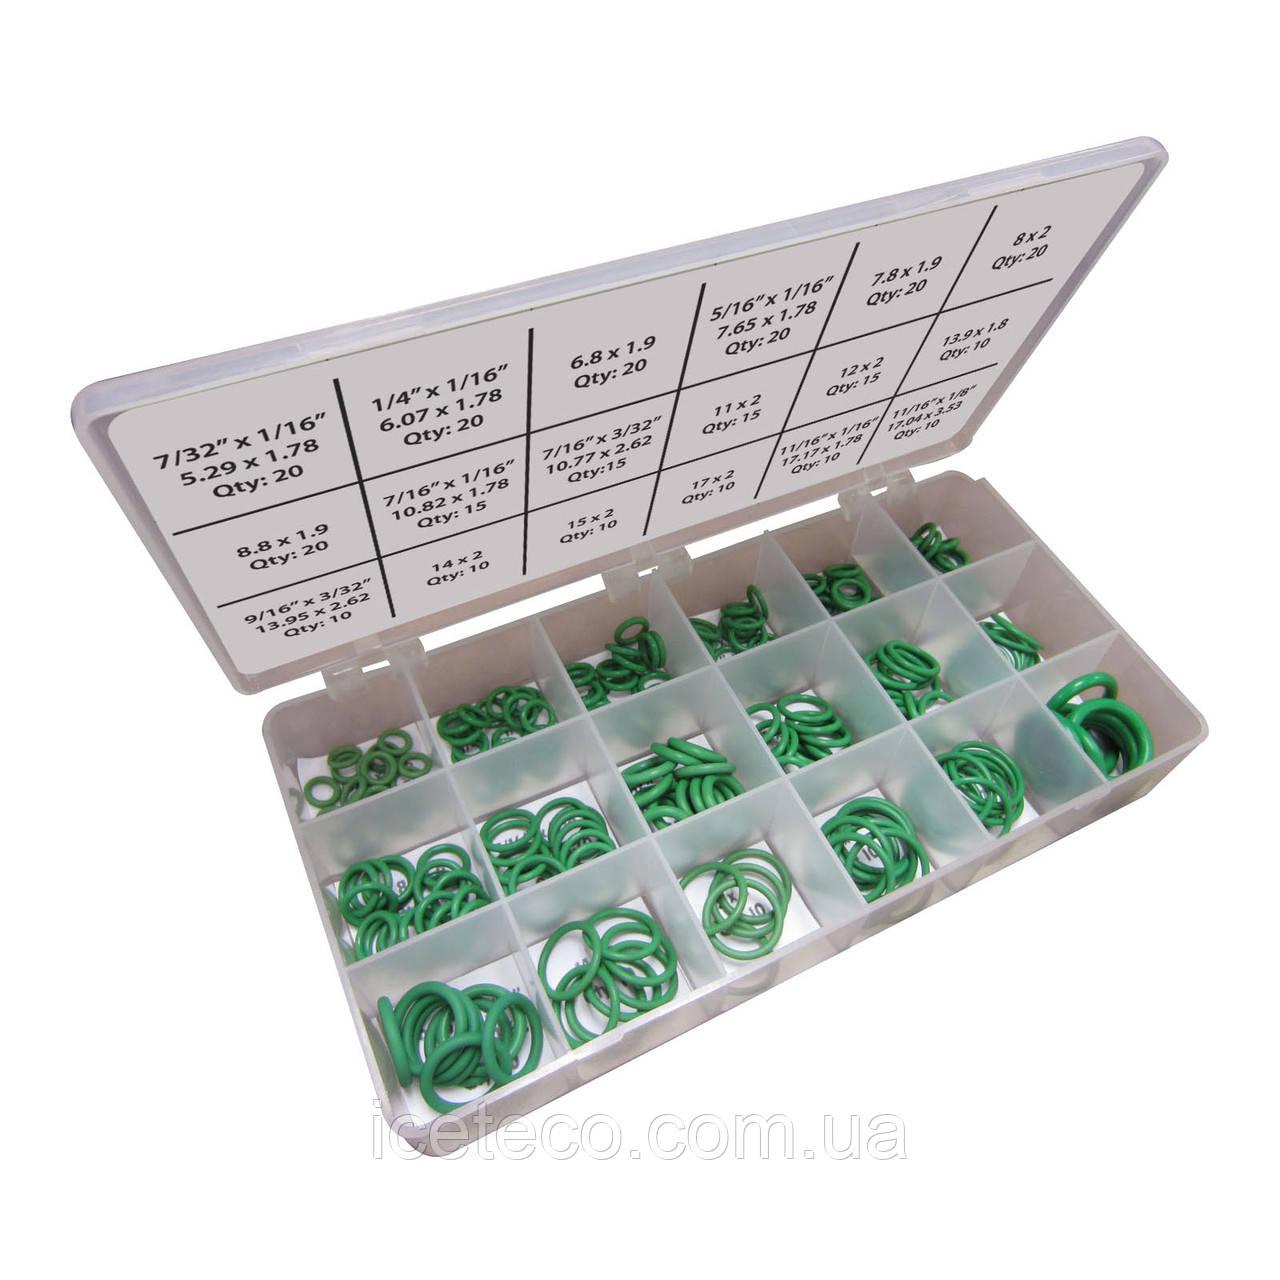 Набор уплотнительных колец для А/С МС 91339 Mastercool